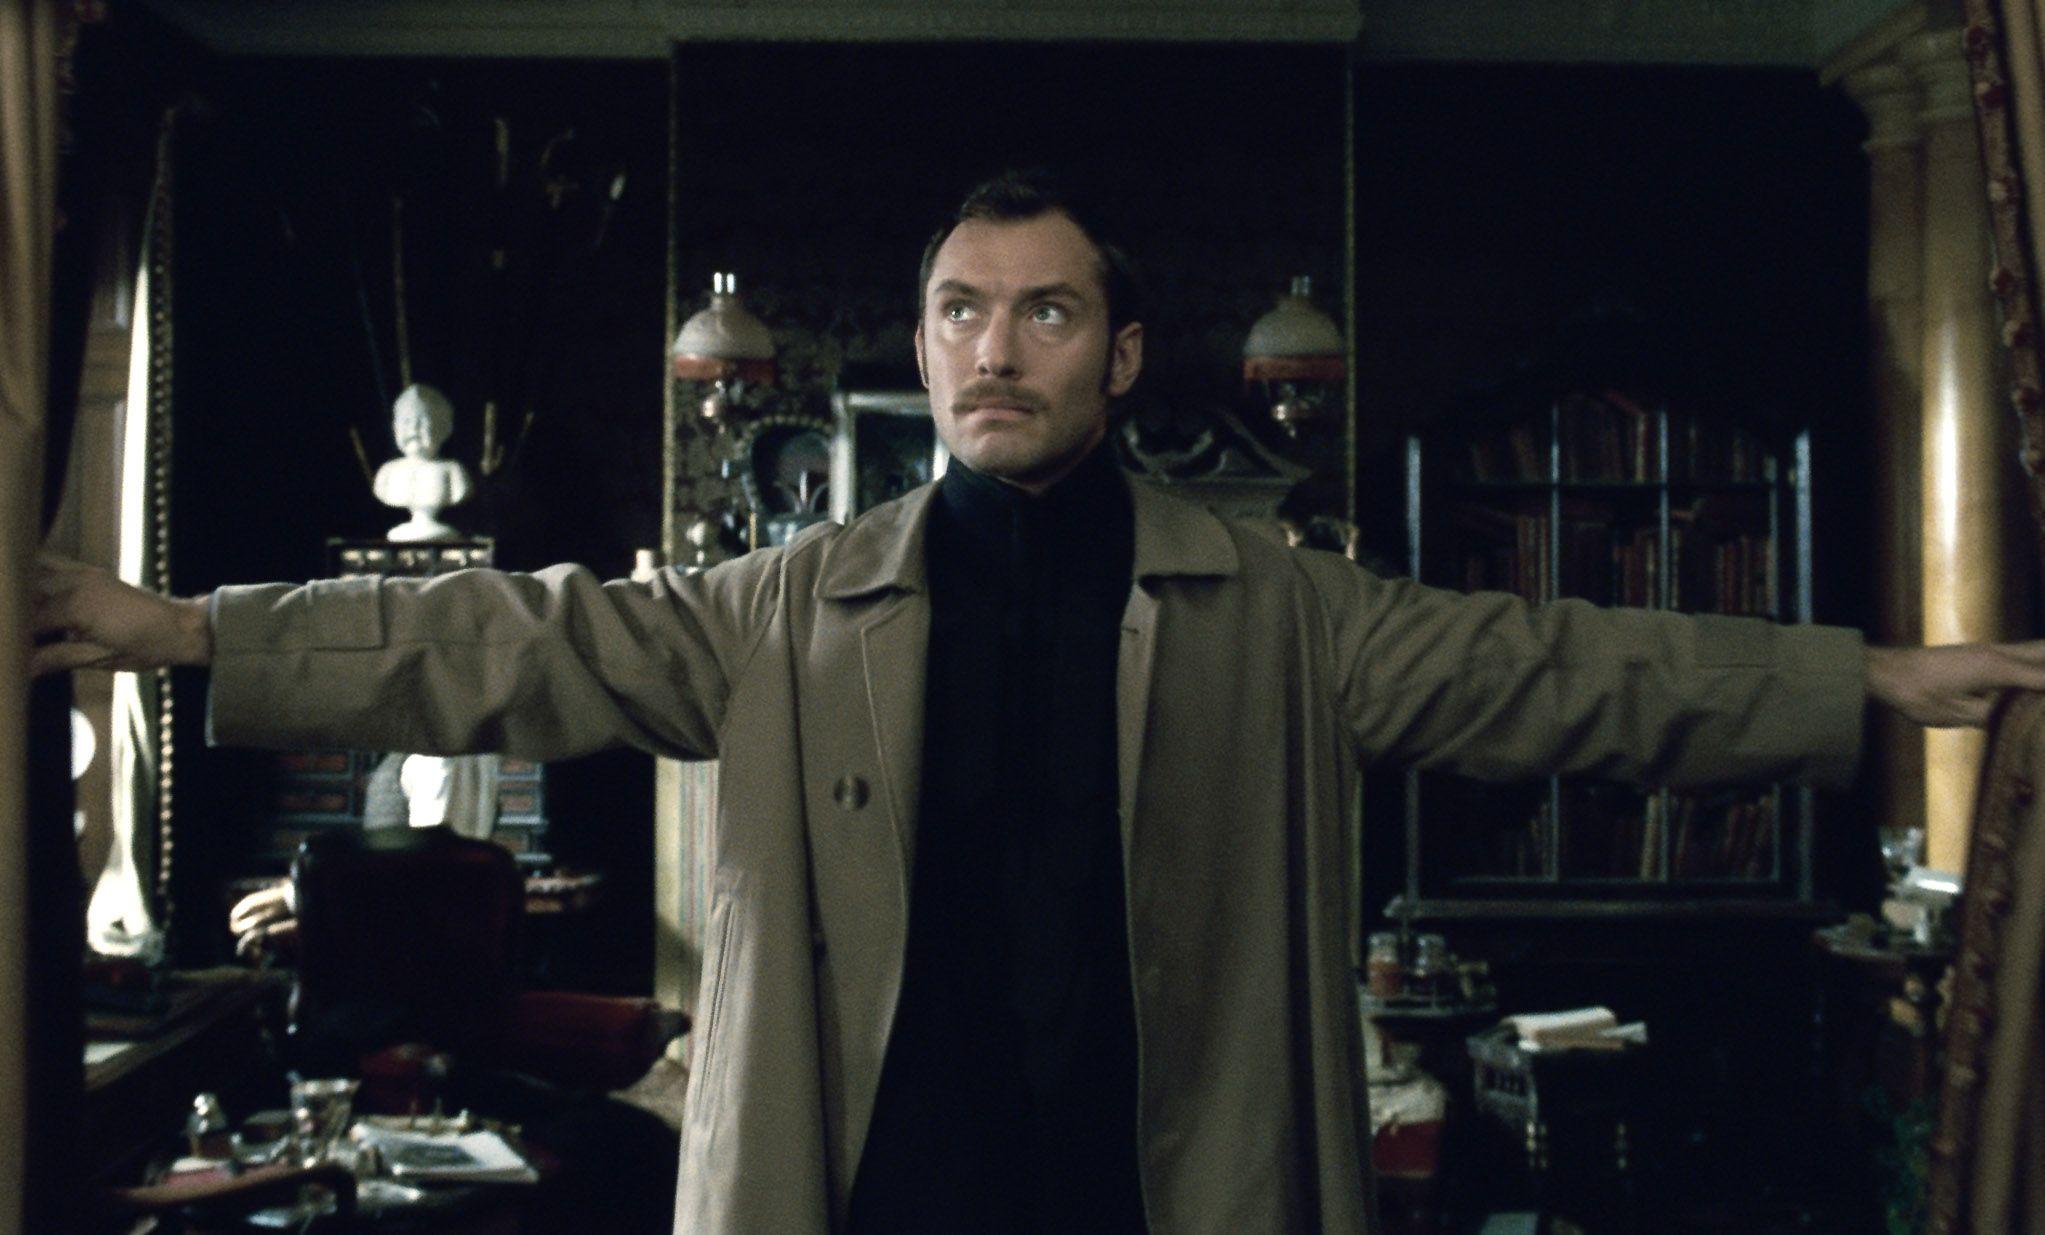 кадры из фильма Шерлок Холмс: Игра теней Джуд Лоу,